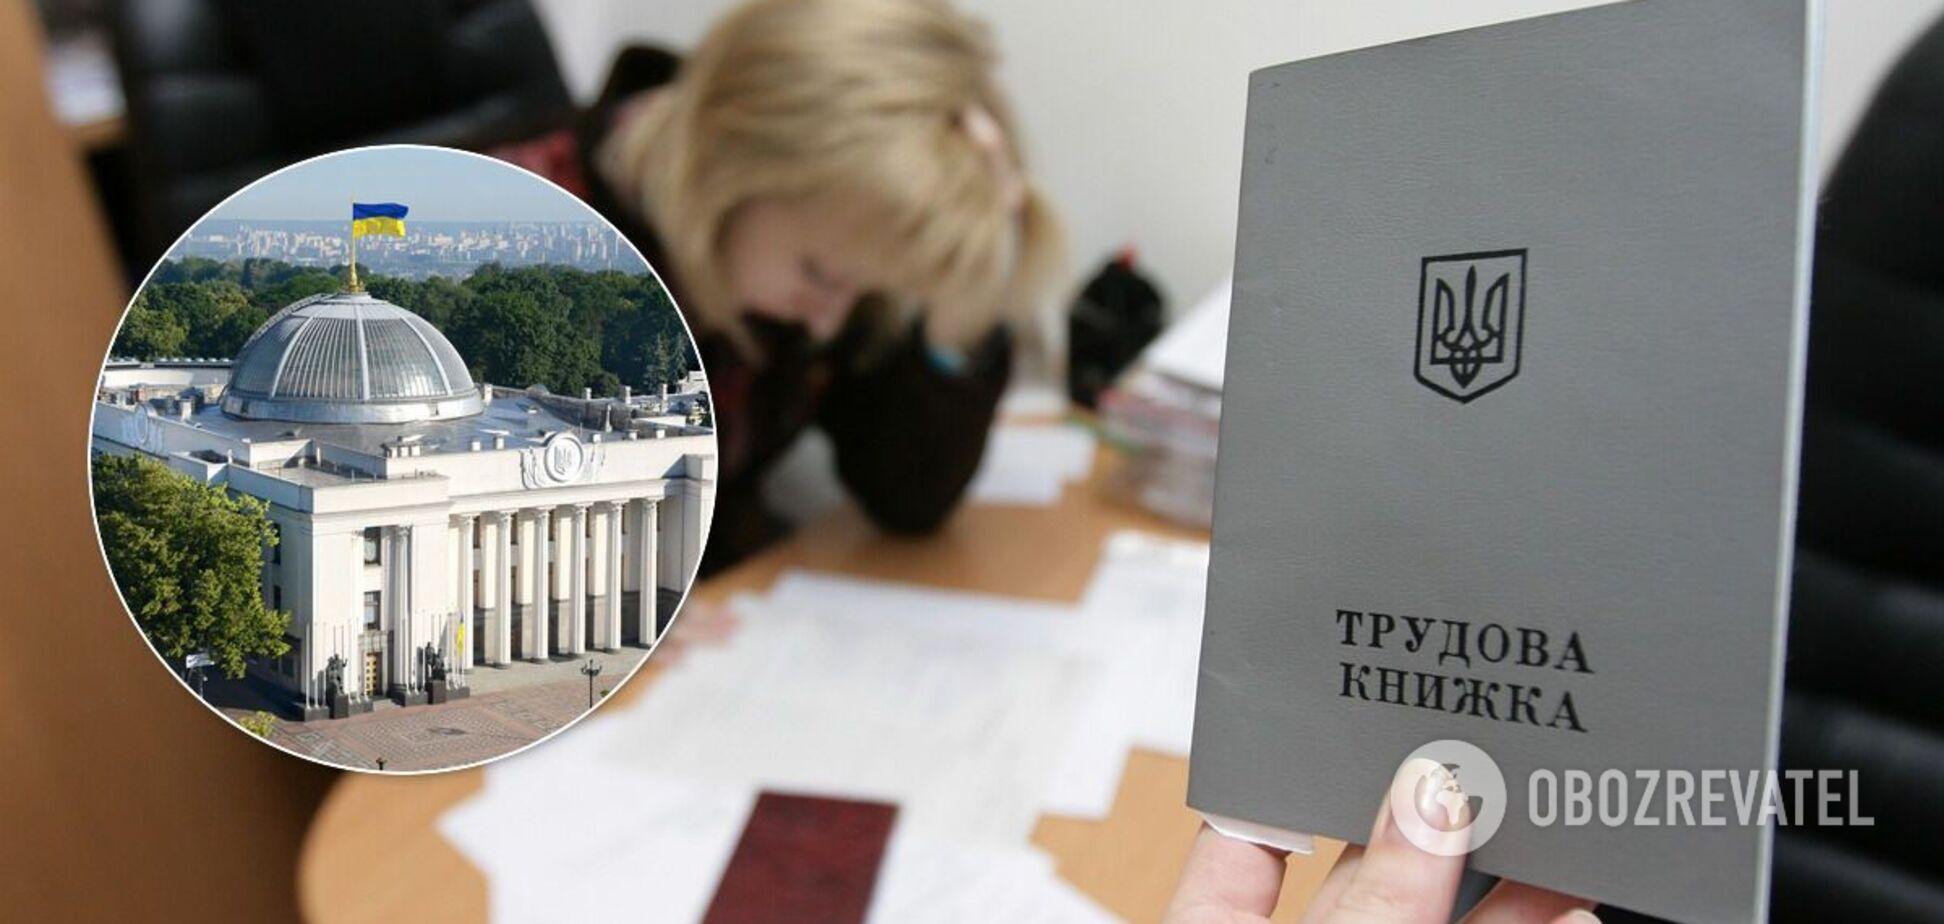 Верховна Рада скасувала трудові книжки